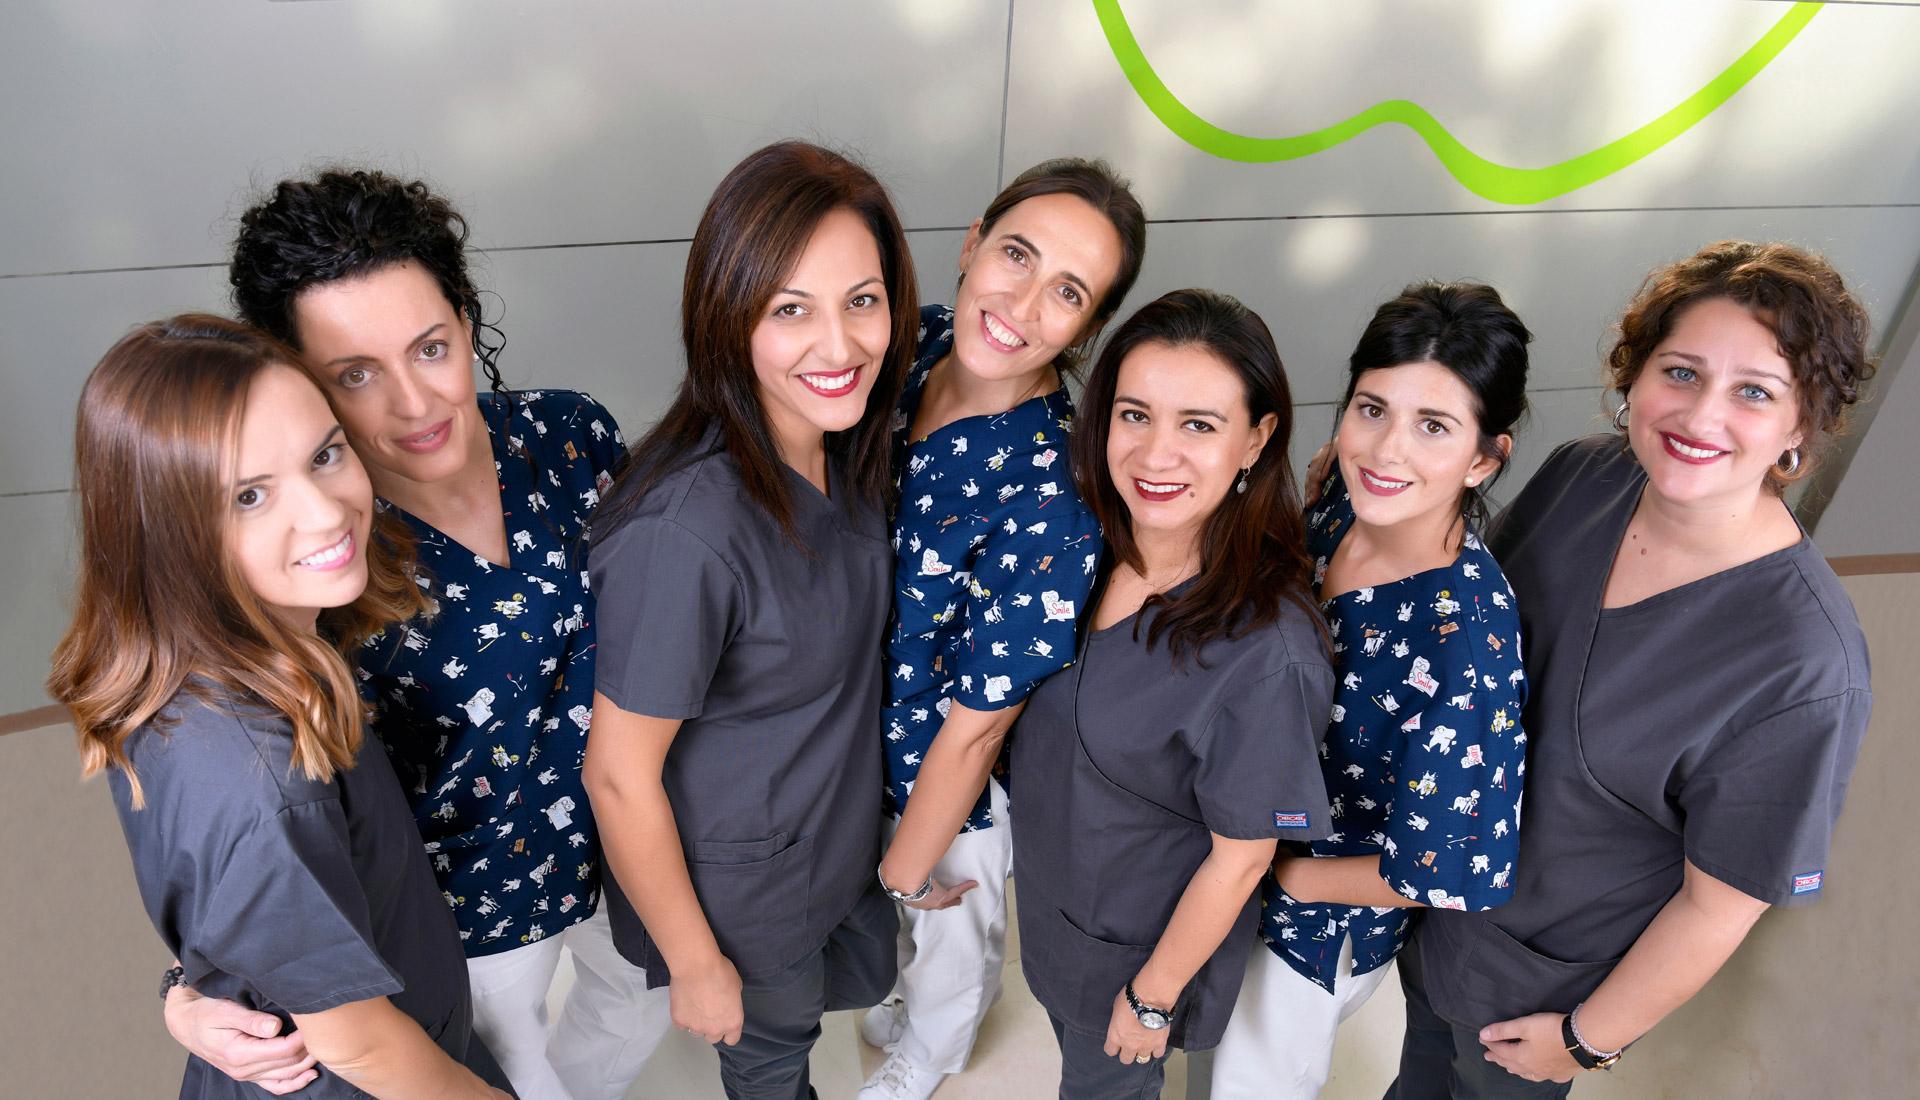 equipo-salud-dental-dentista-utebo